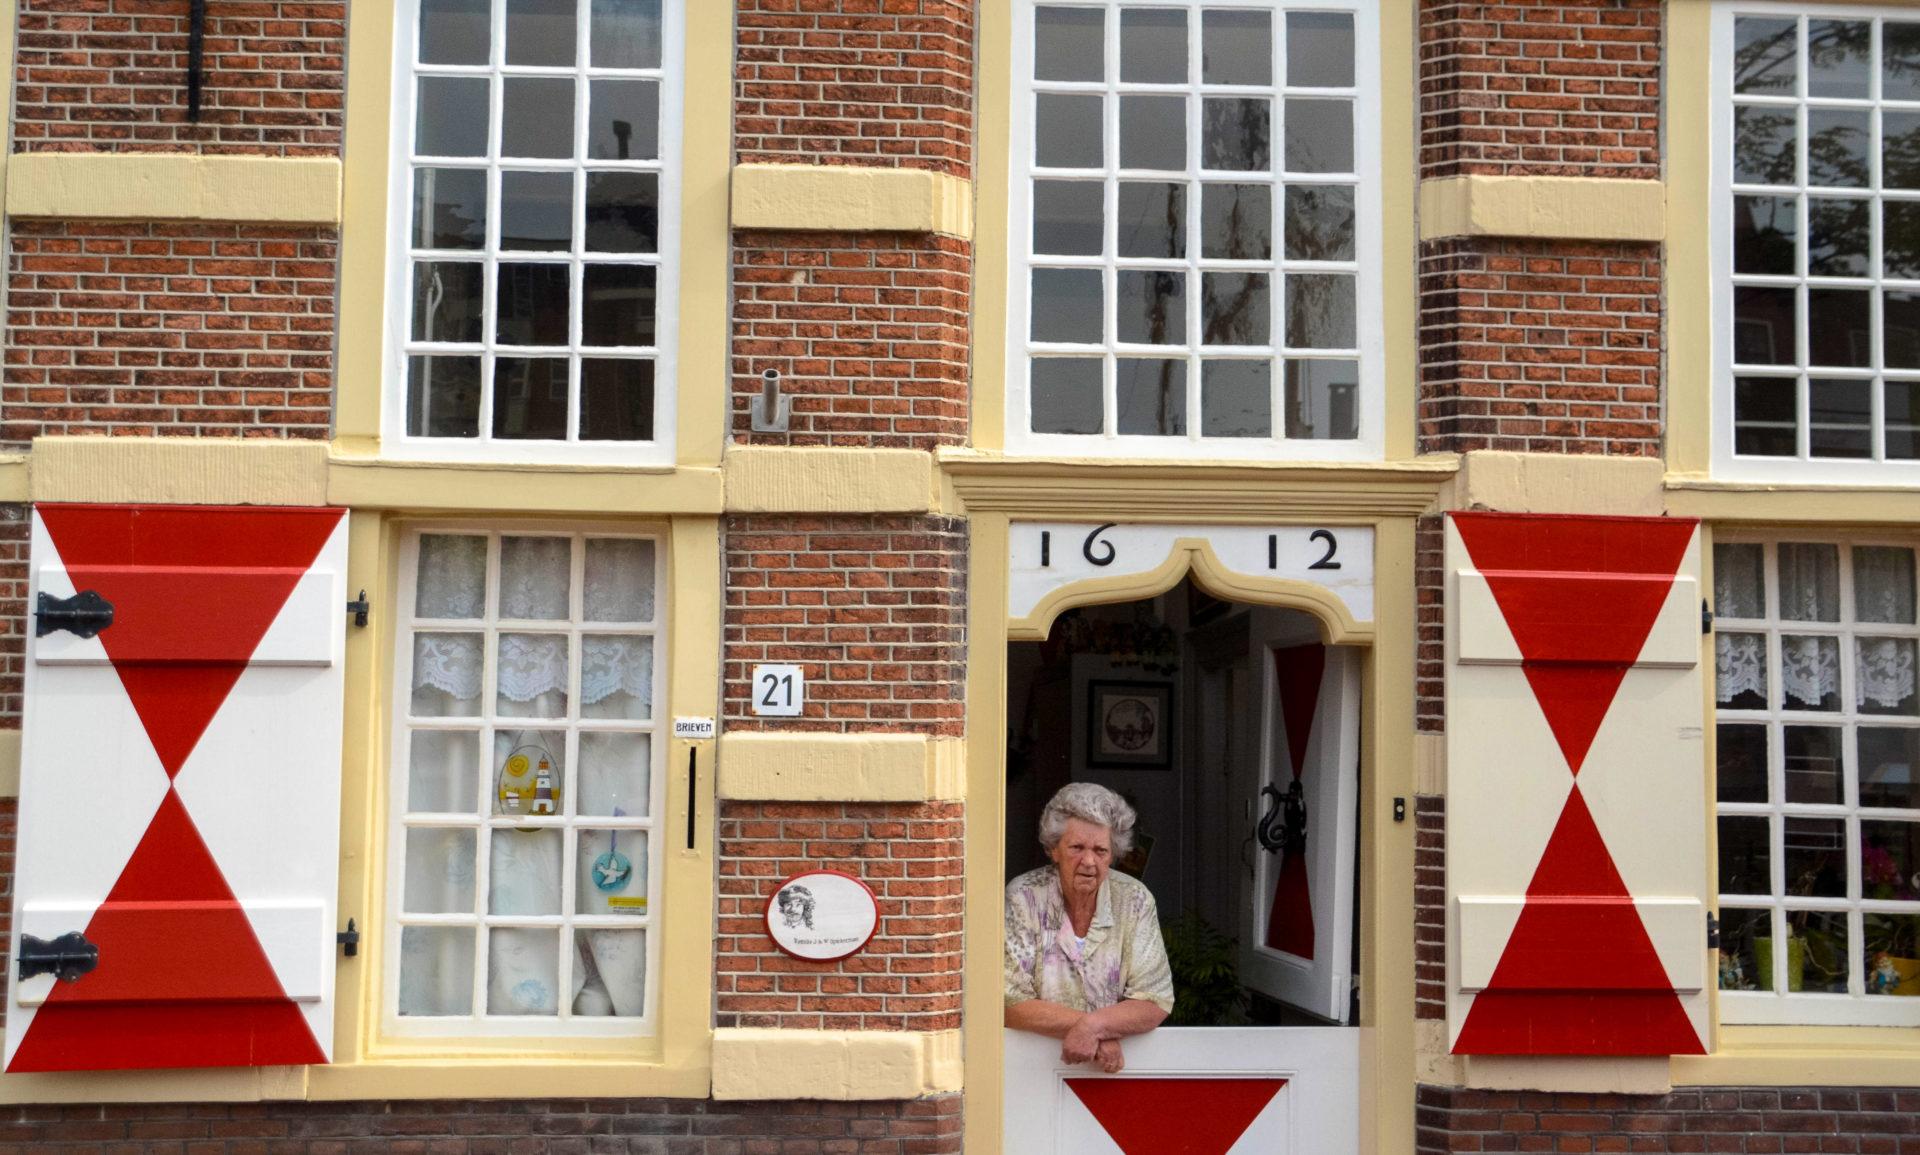 Eine alte Frau in einem Wohnhaus aus dem Jahr 1612 in Leiden, der Geburtsstadt von Rembrandt